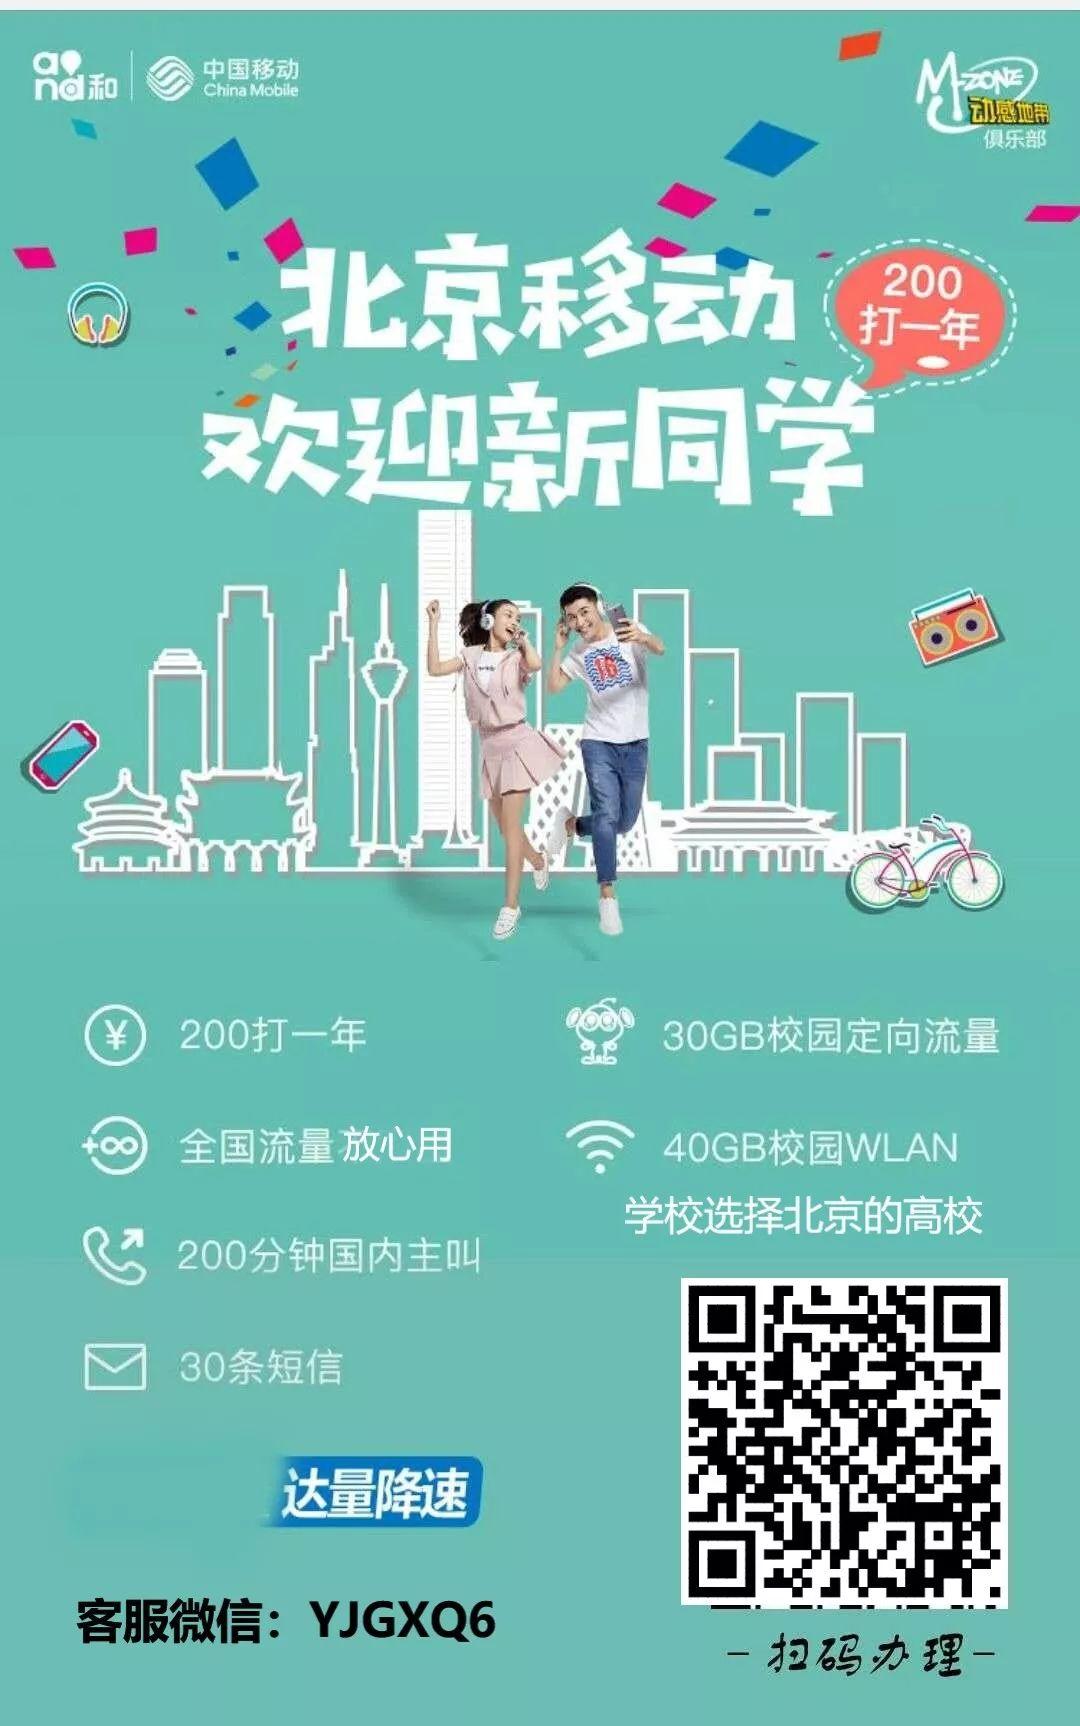 密码保护:北京移动校园卡短信续约代码!!!(请联系客服微信YJGXQ6获取文档密码)